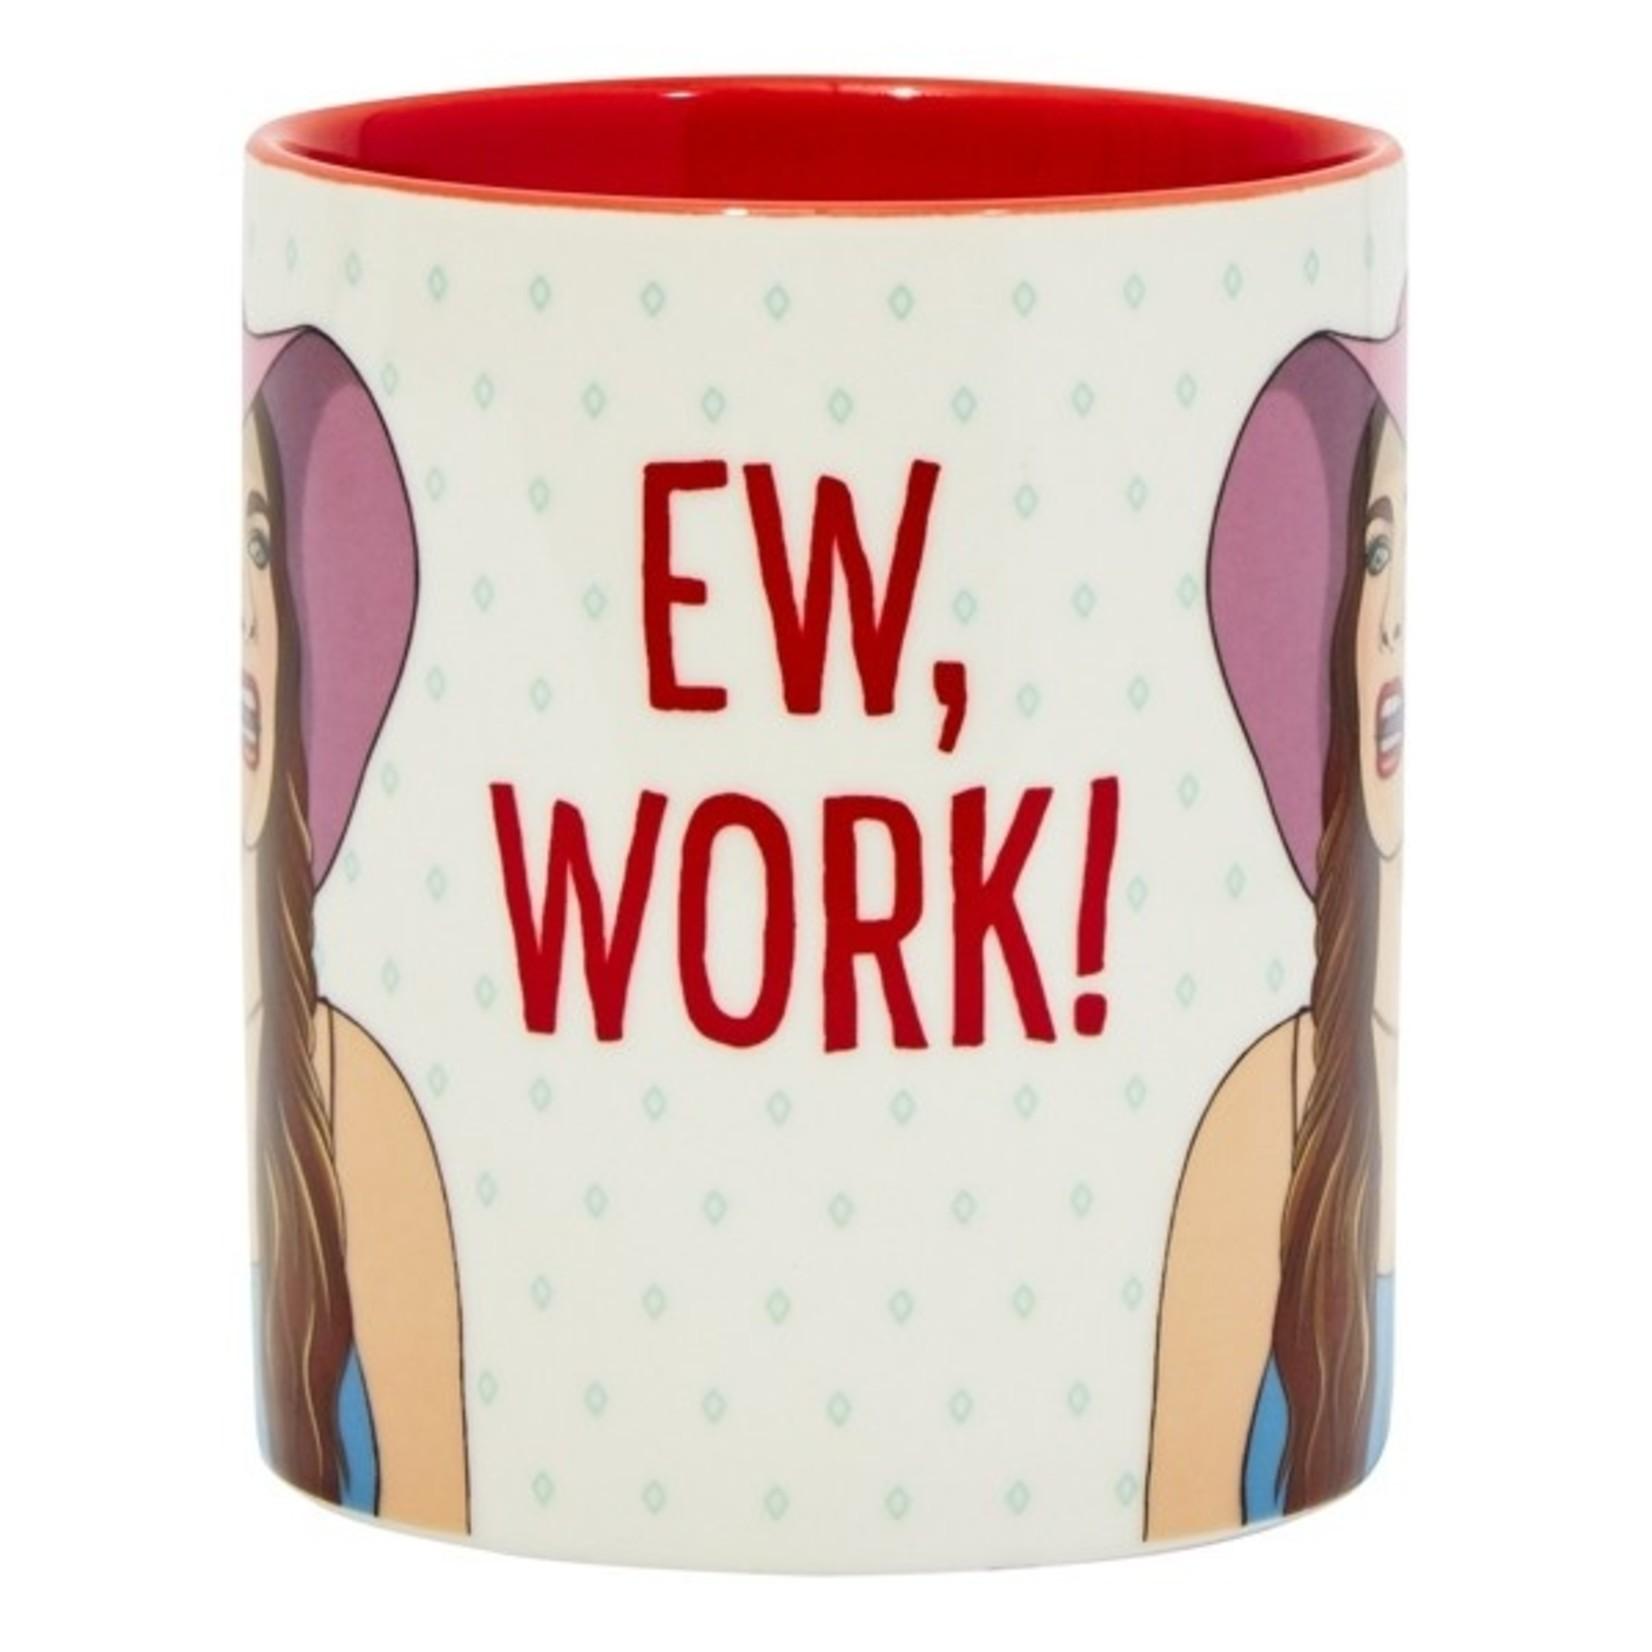 The Found Ew, Work! Mug